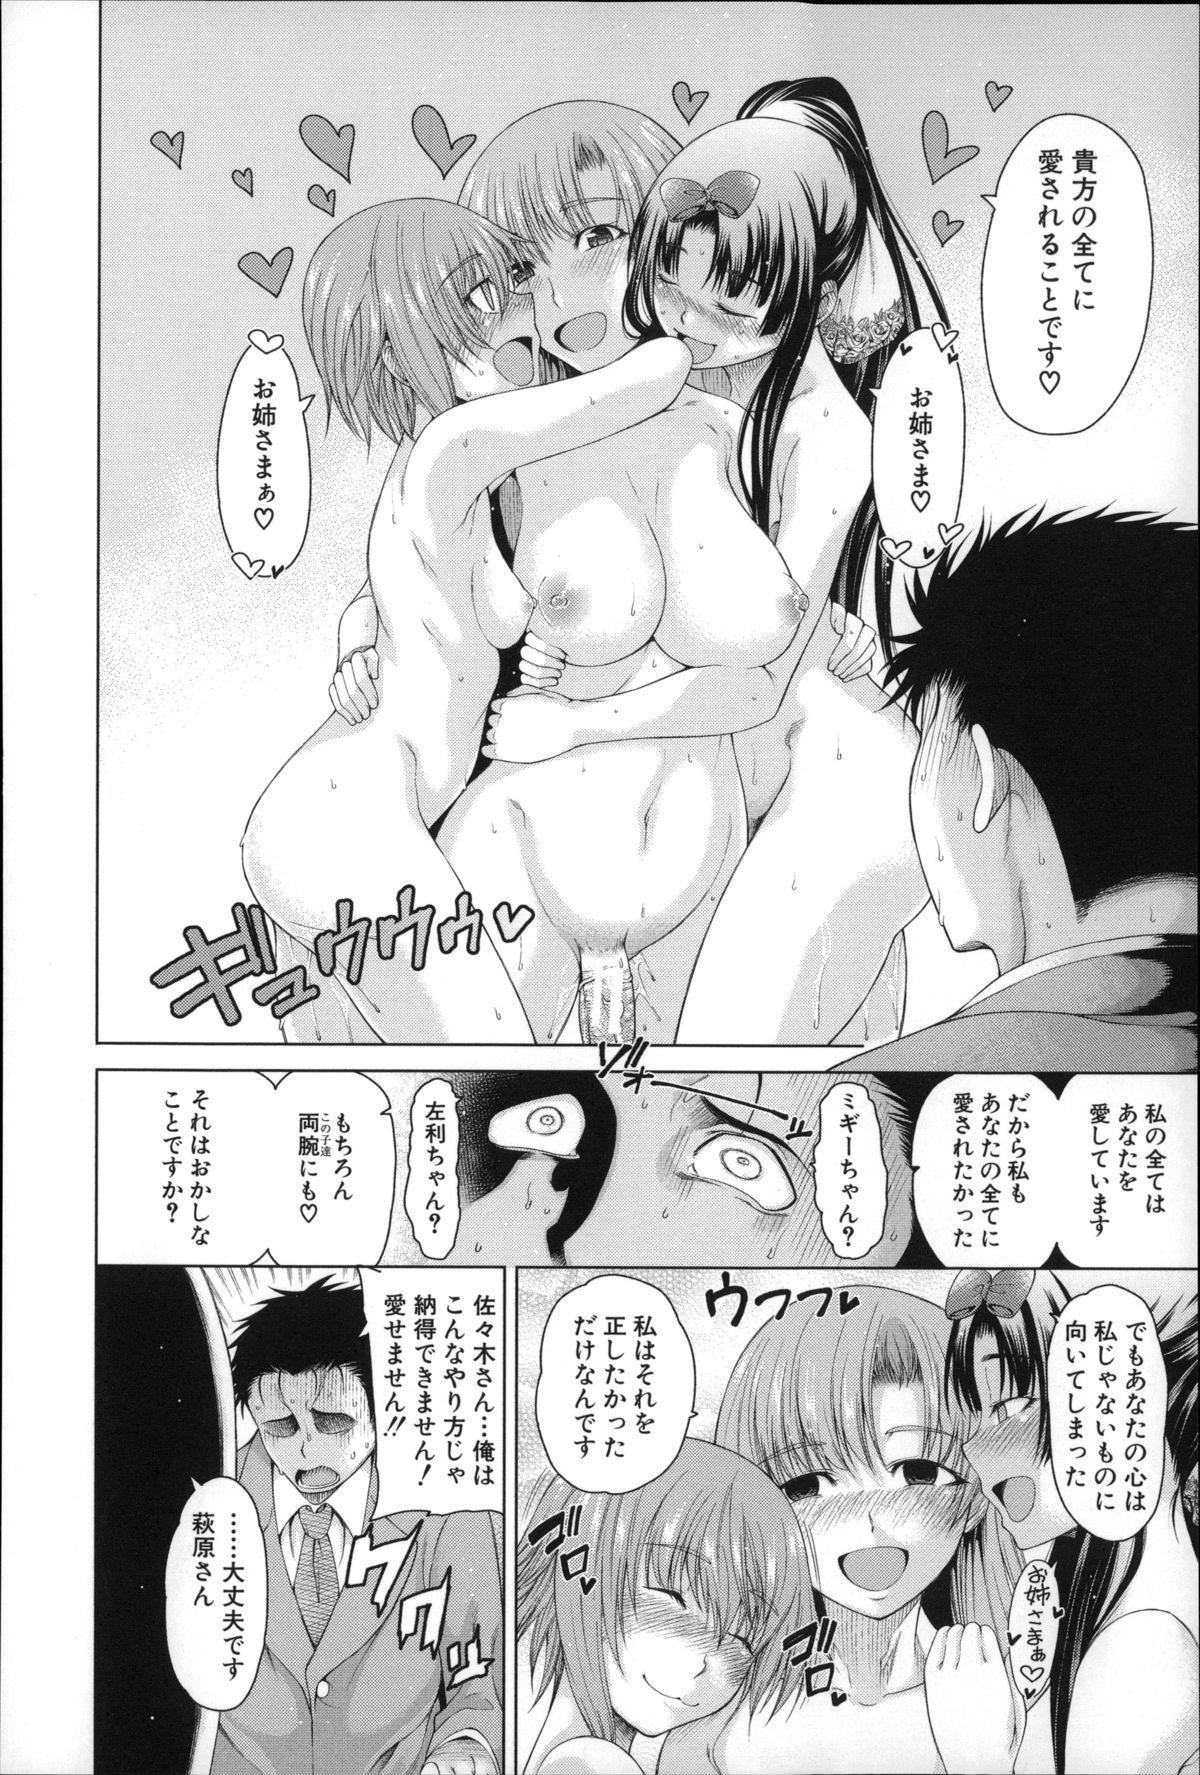 Migite ga Bishoujo ni Natta kara Sex Shita kedo Doutei dayone!! 142